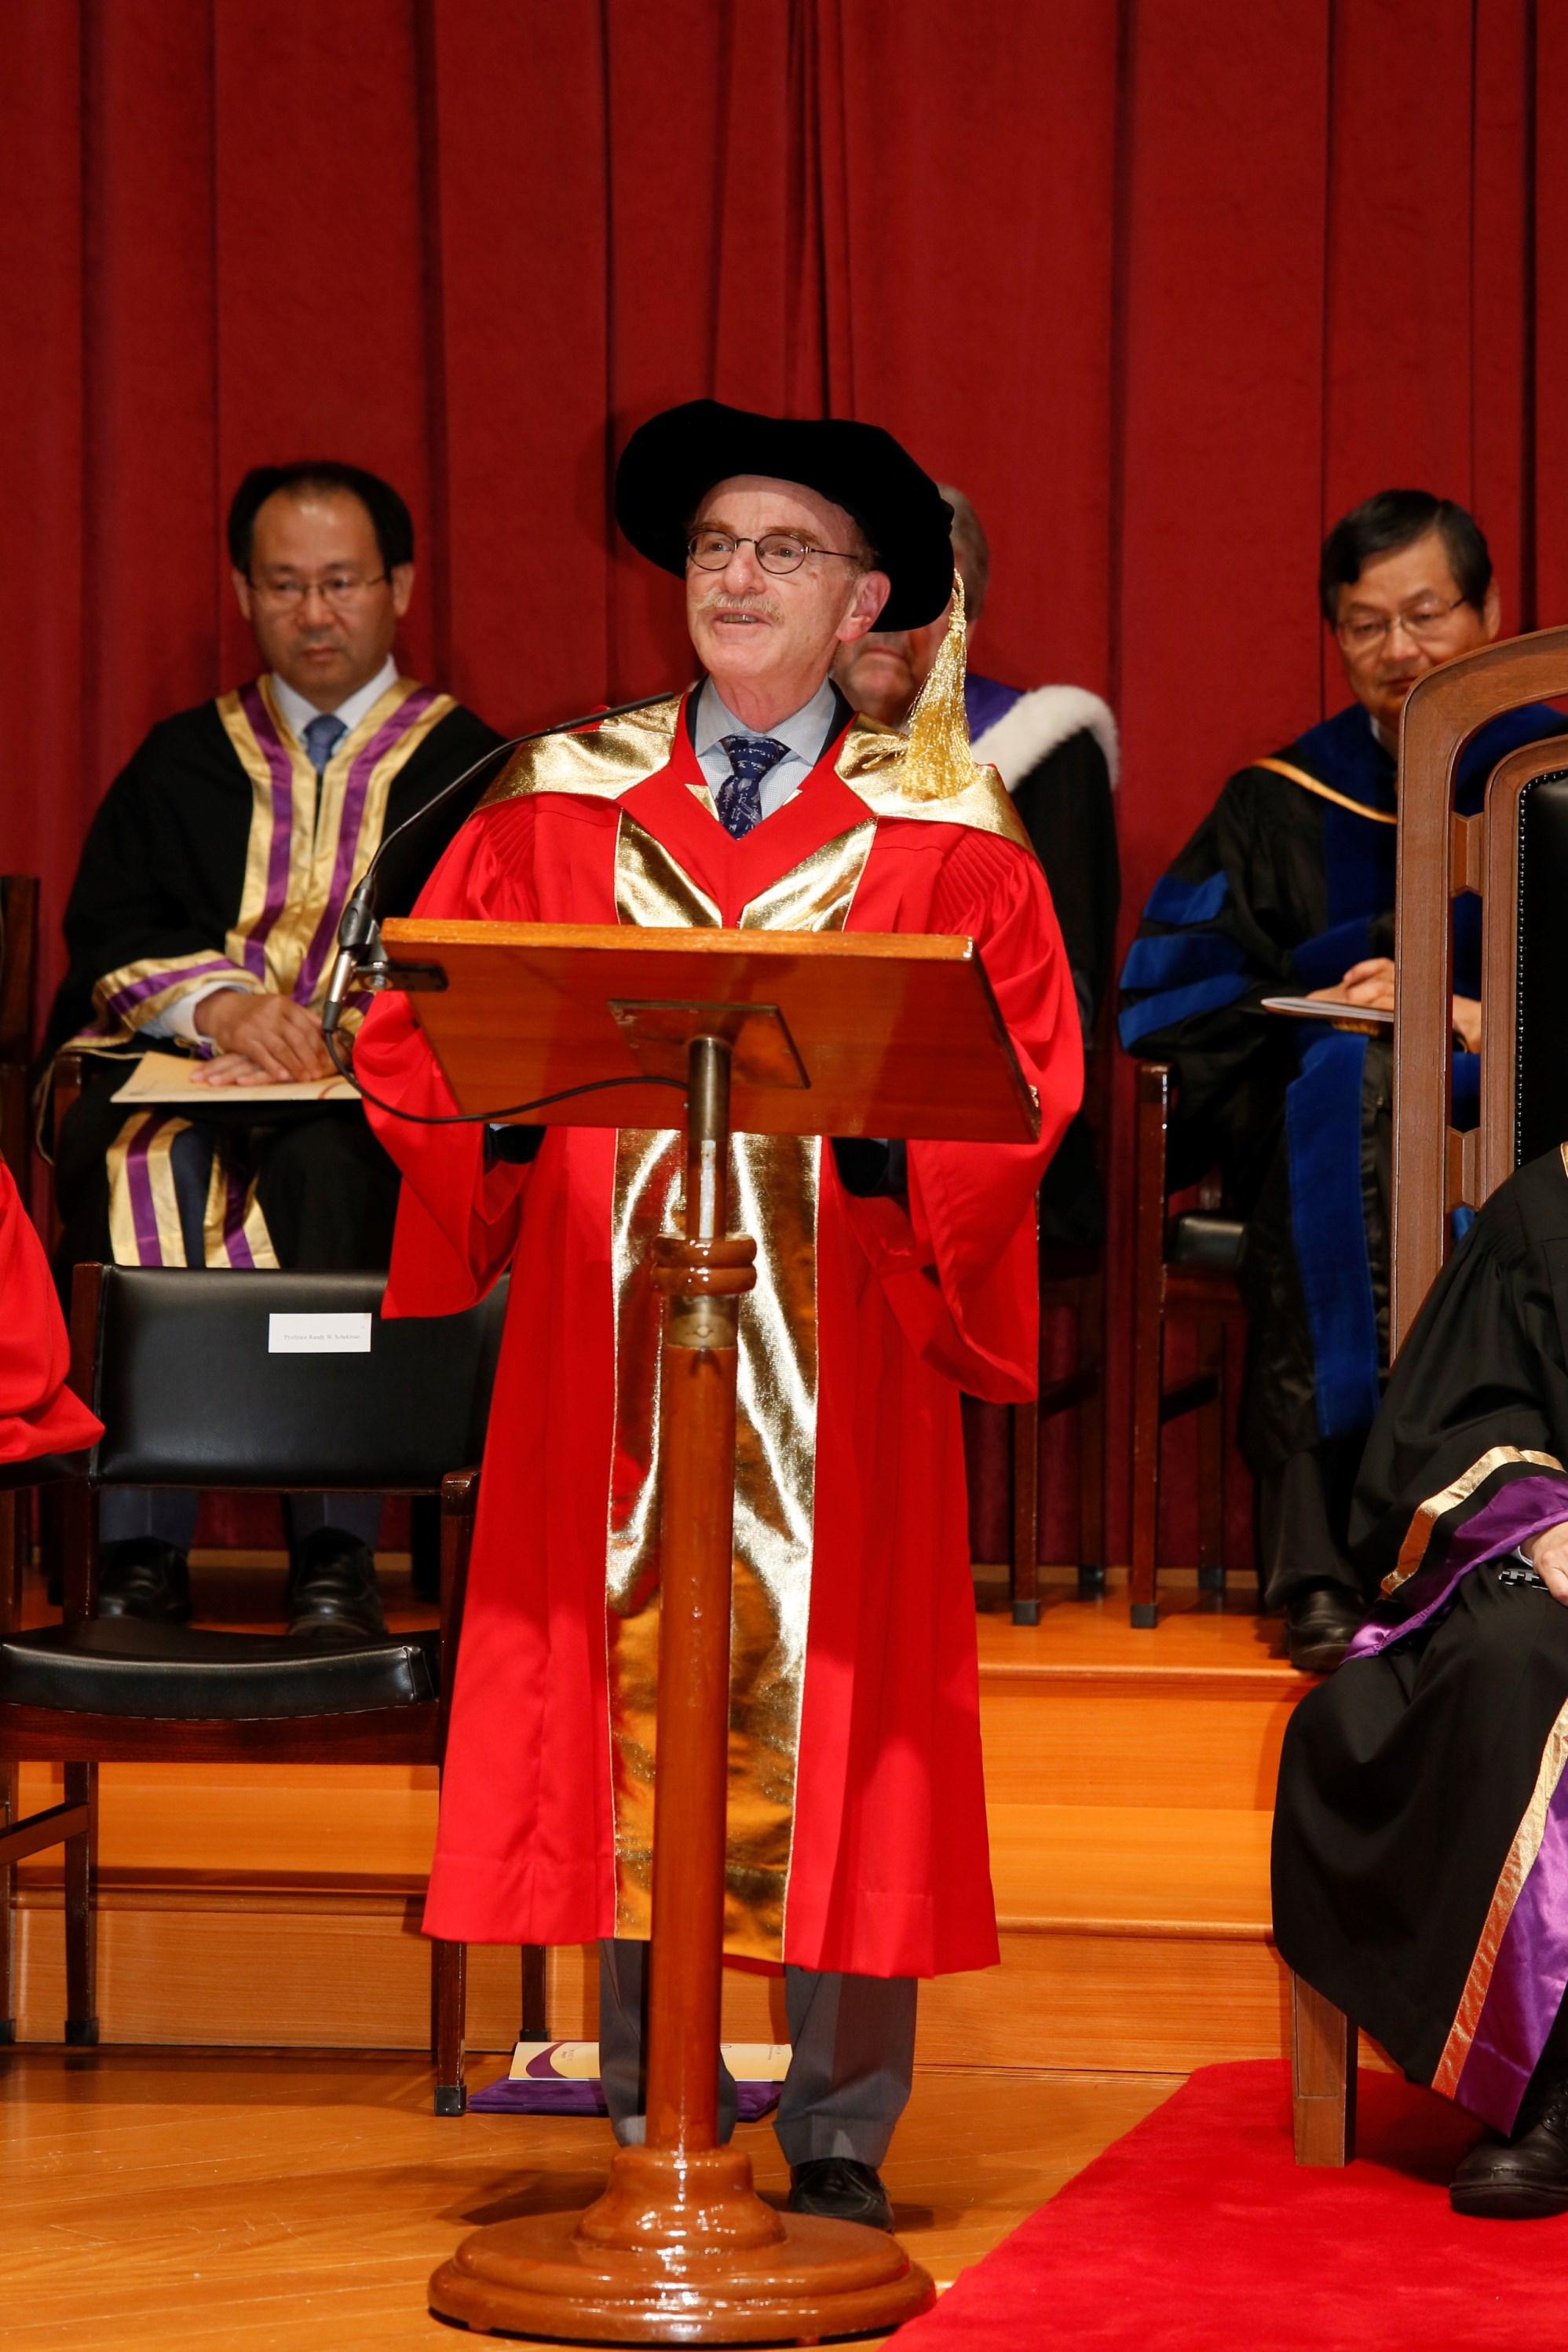 蘭迪‧謝克曼教授致辭。